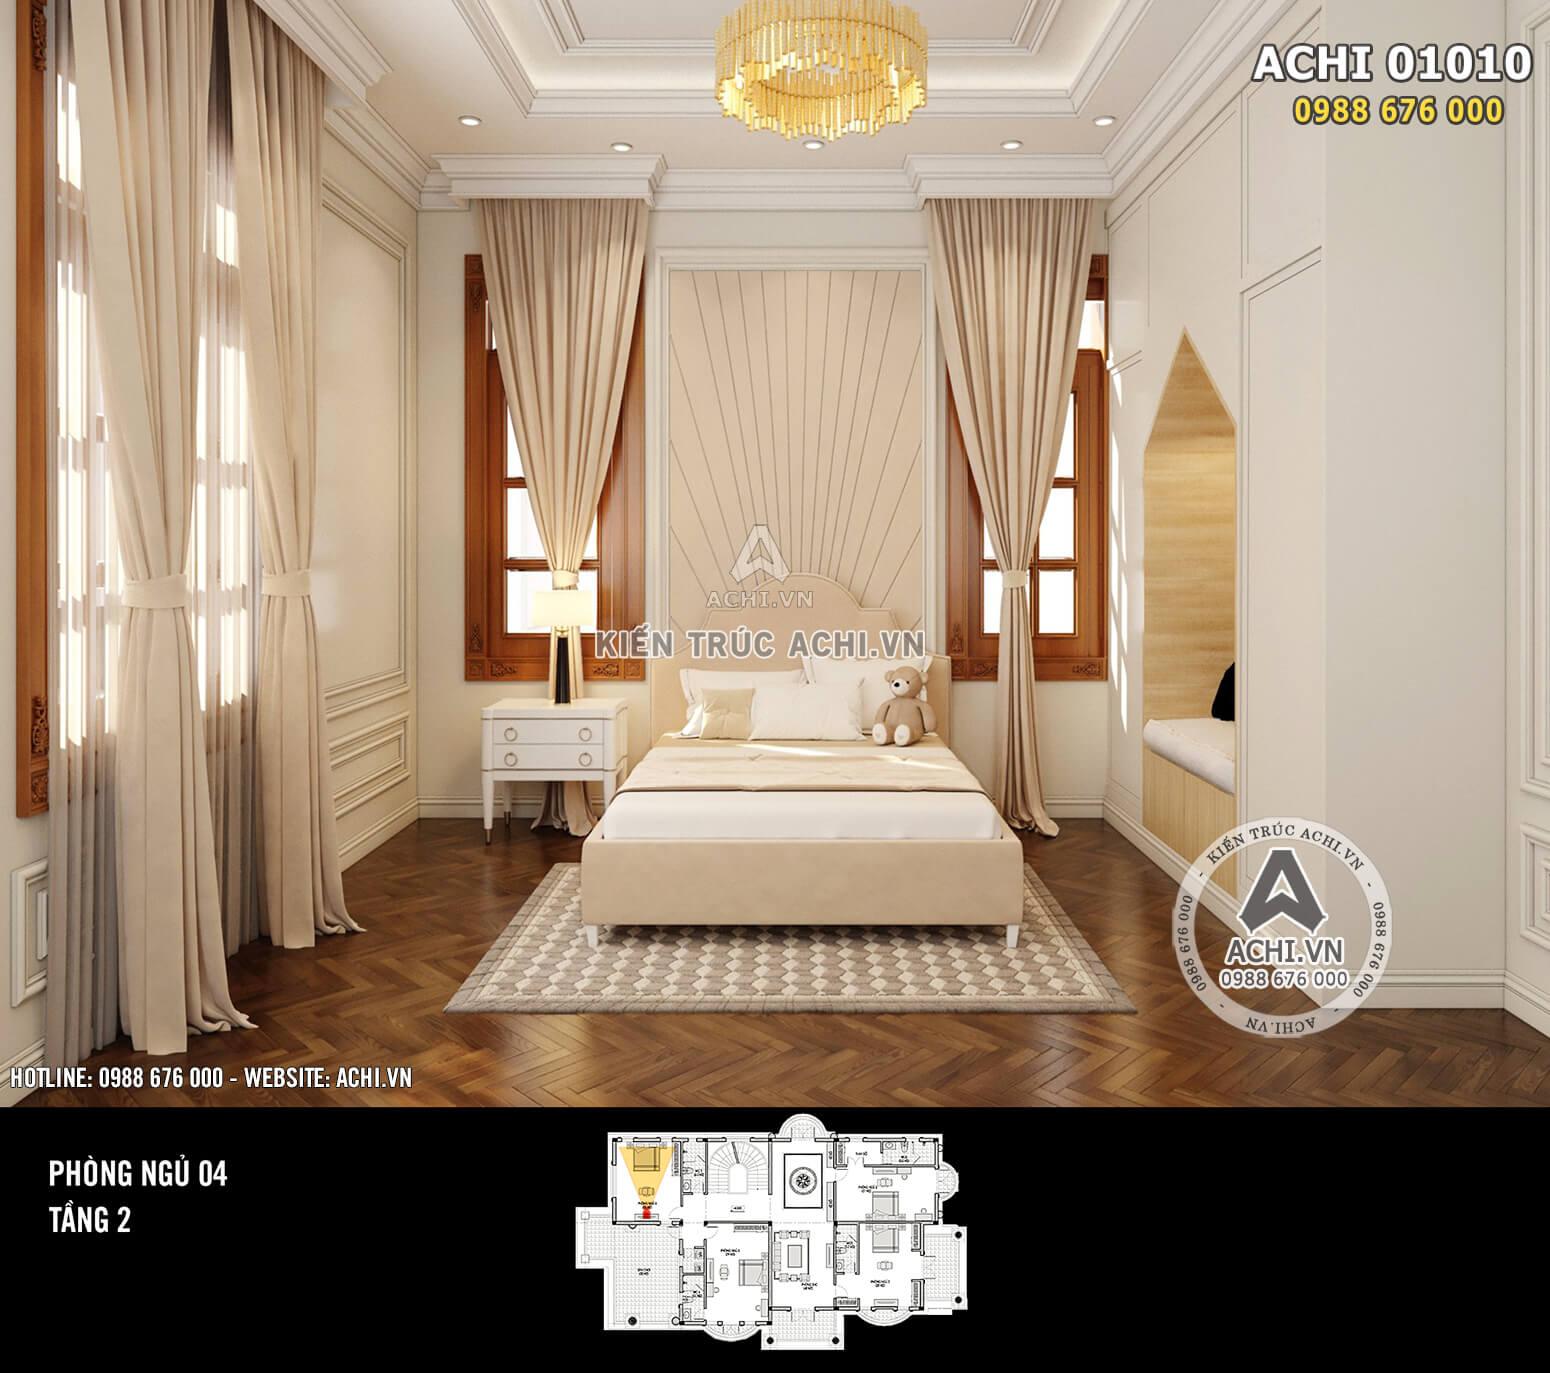 Hình ảnh: Thiết kế nội thất tân cổ điển - Phòng ngủ 3 - 01